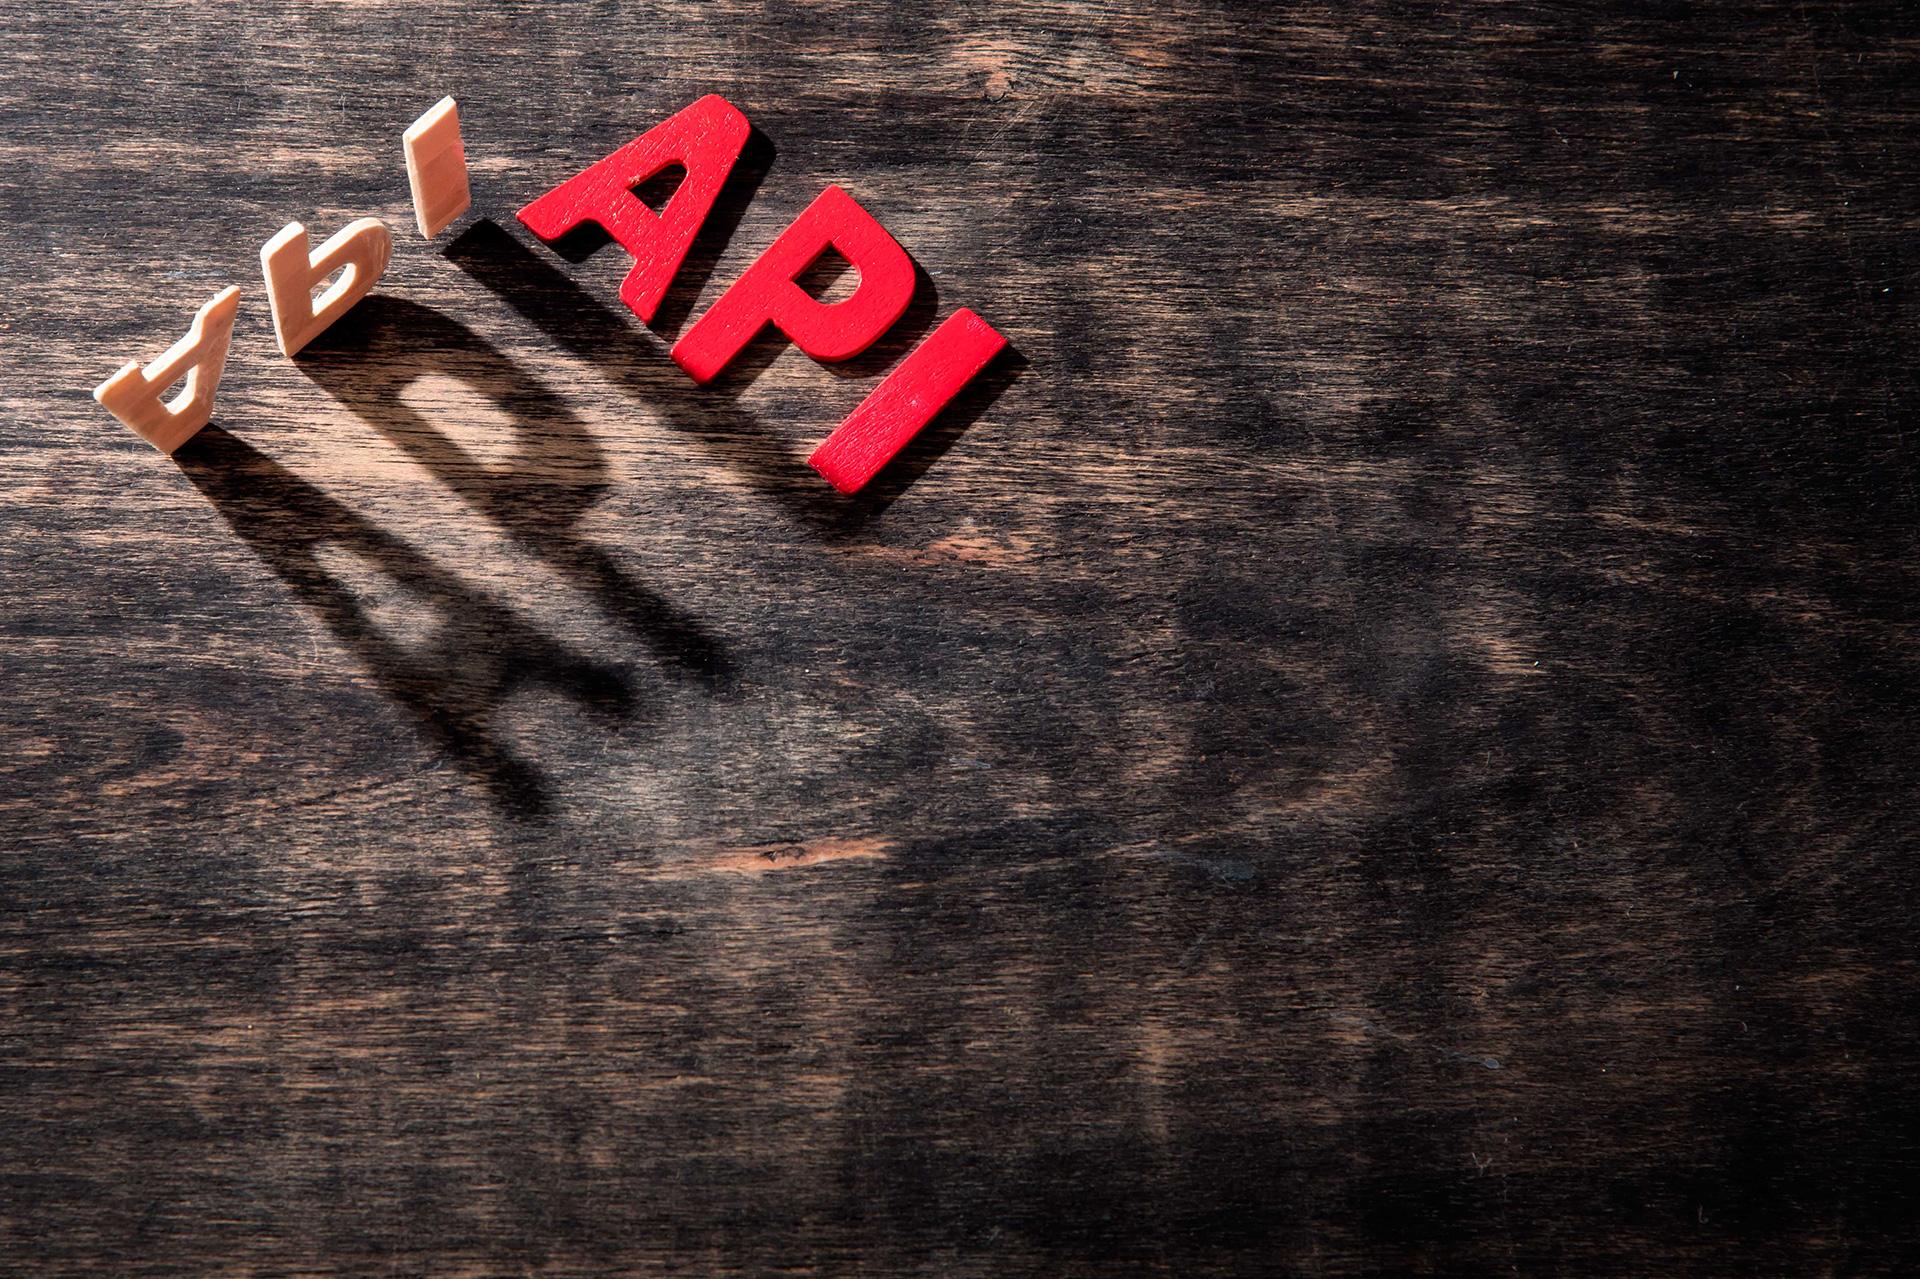 اگر تا به حال نام API به گوشتان خورده اما ایدهای راجع به آن ندارید، این پست مخصوص شما است.